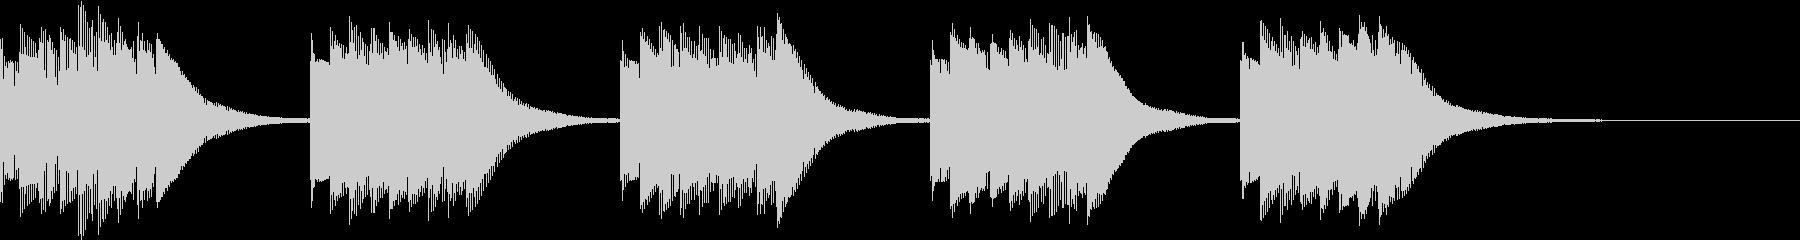 呼び出しベル タイマー音の未再生の波形